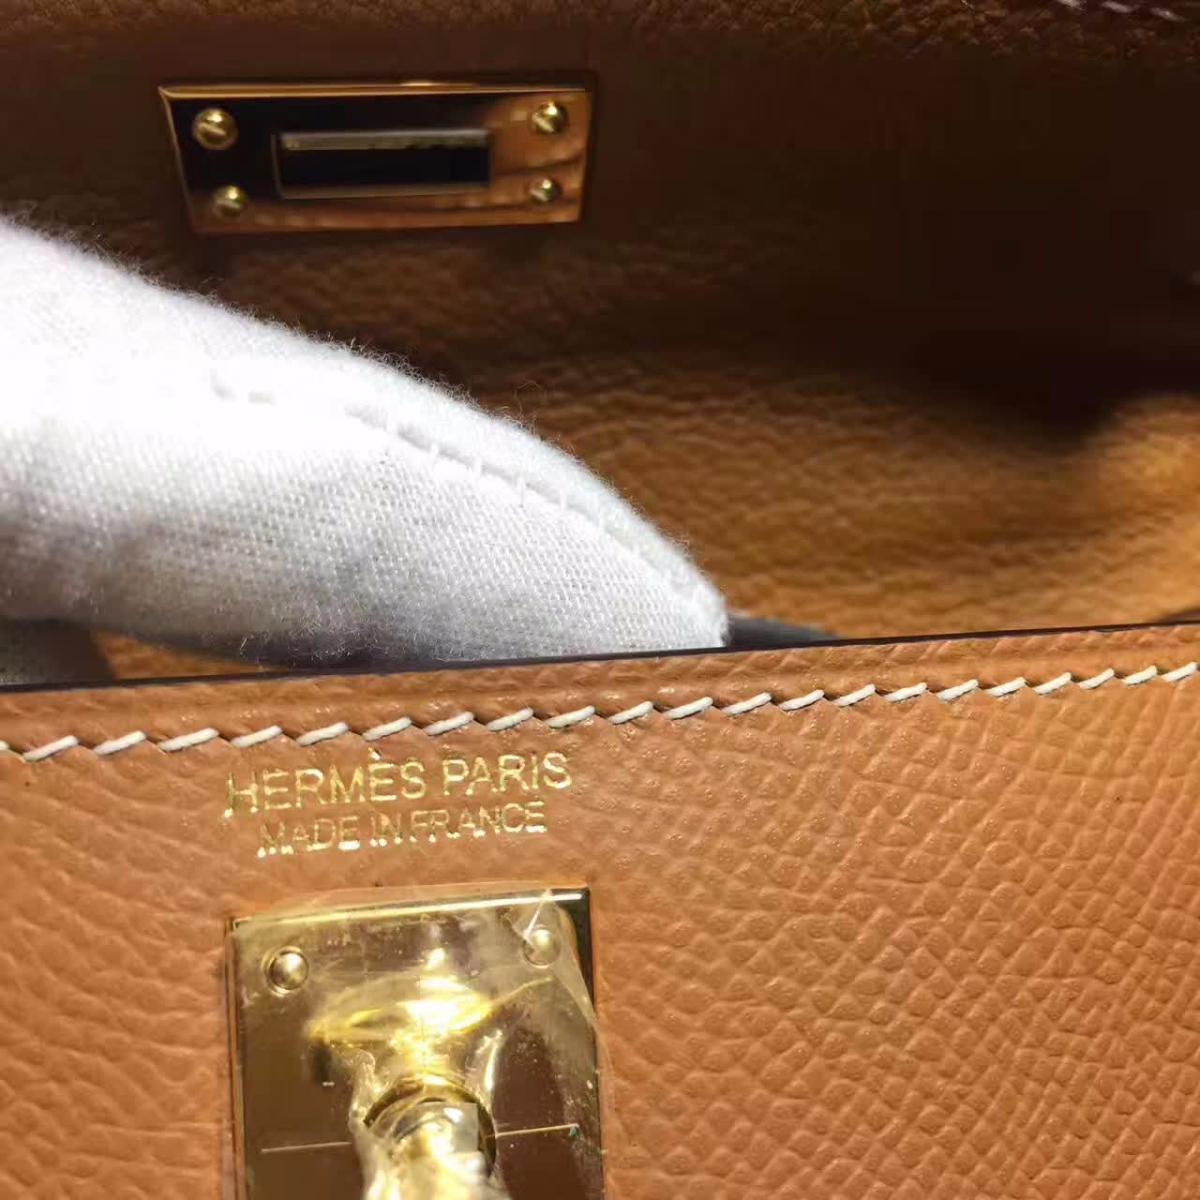 Hermes Mini Bag hhem577_5